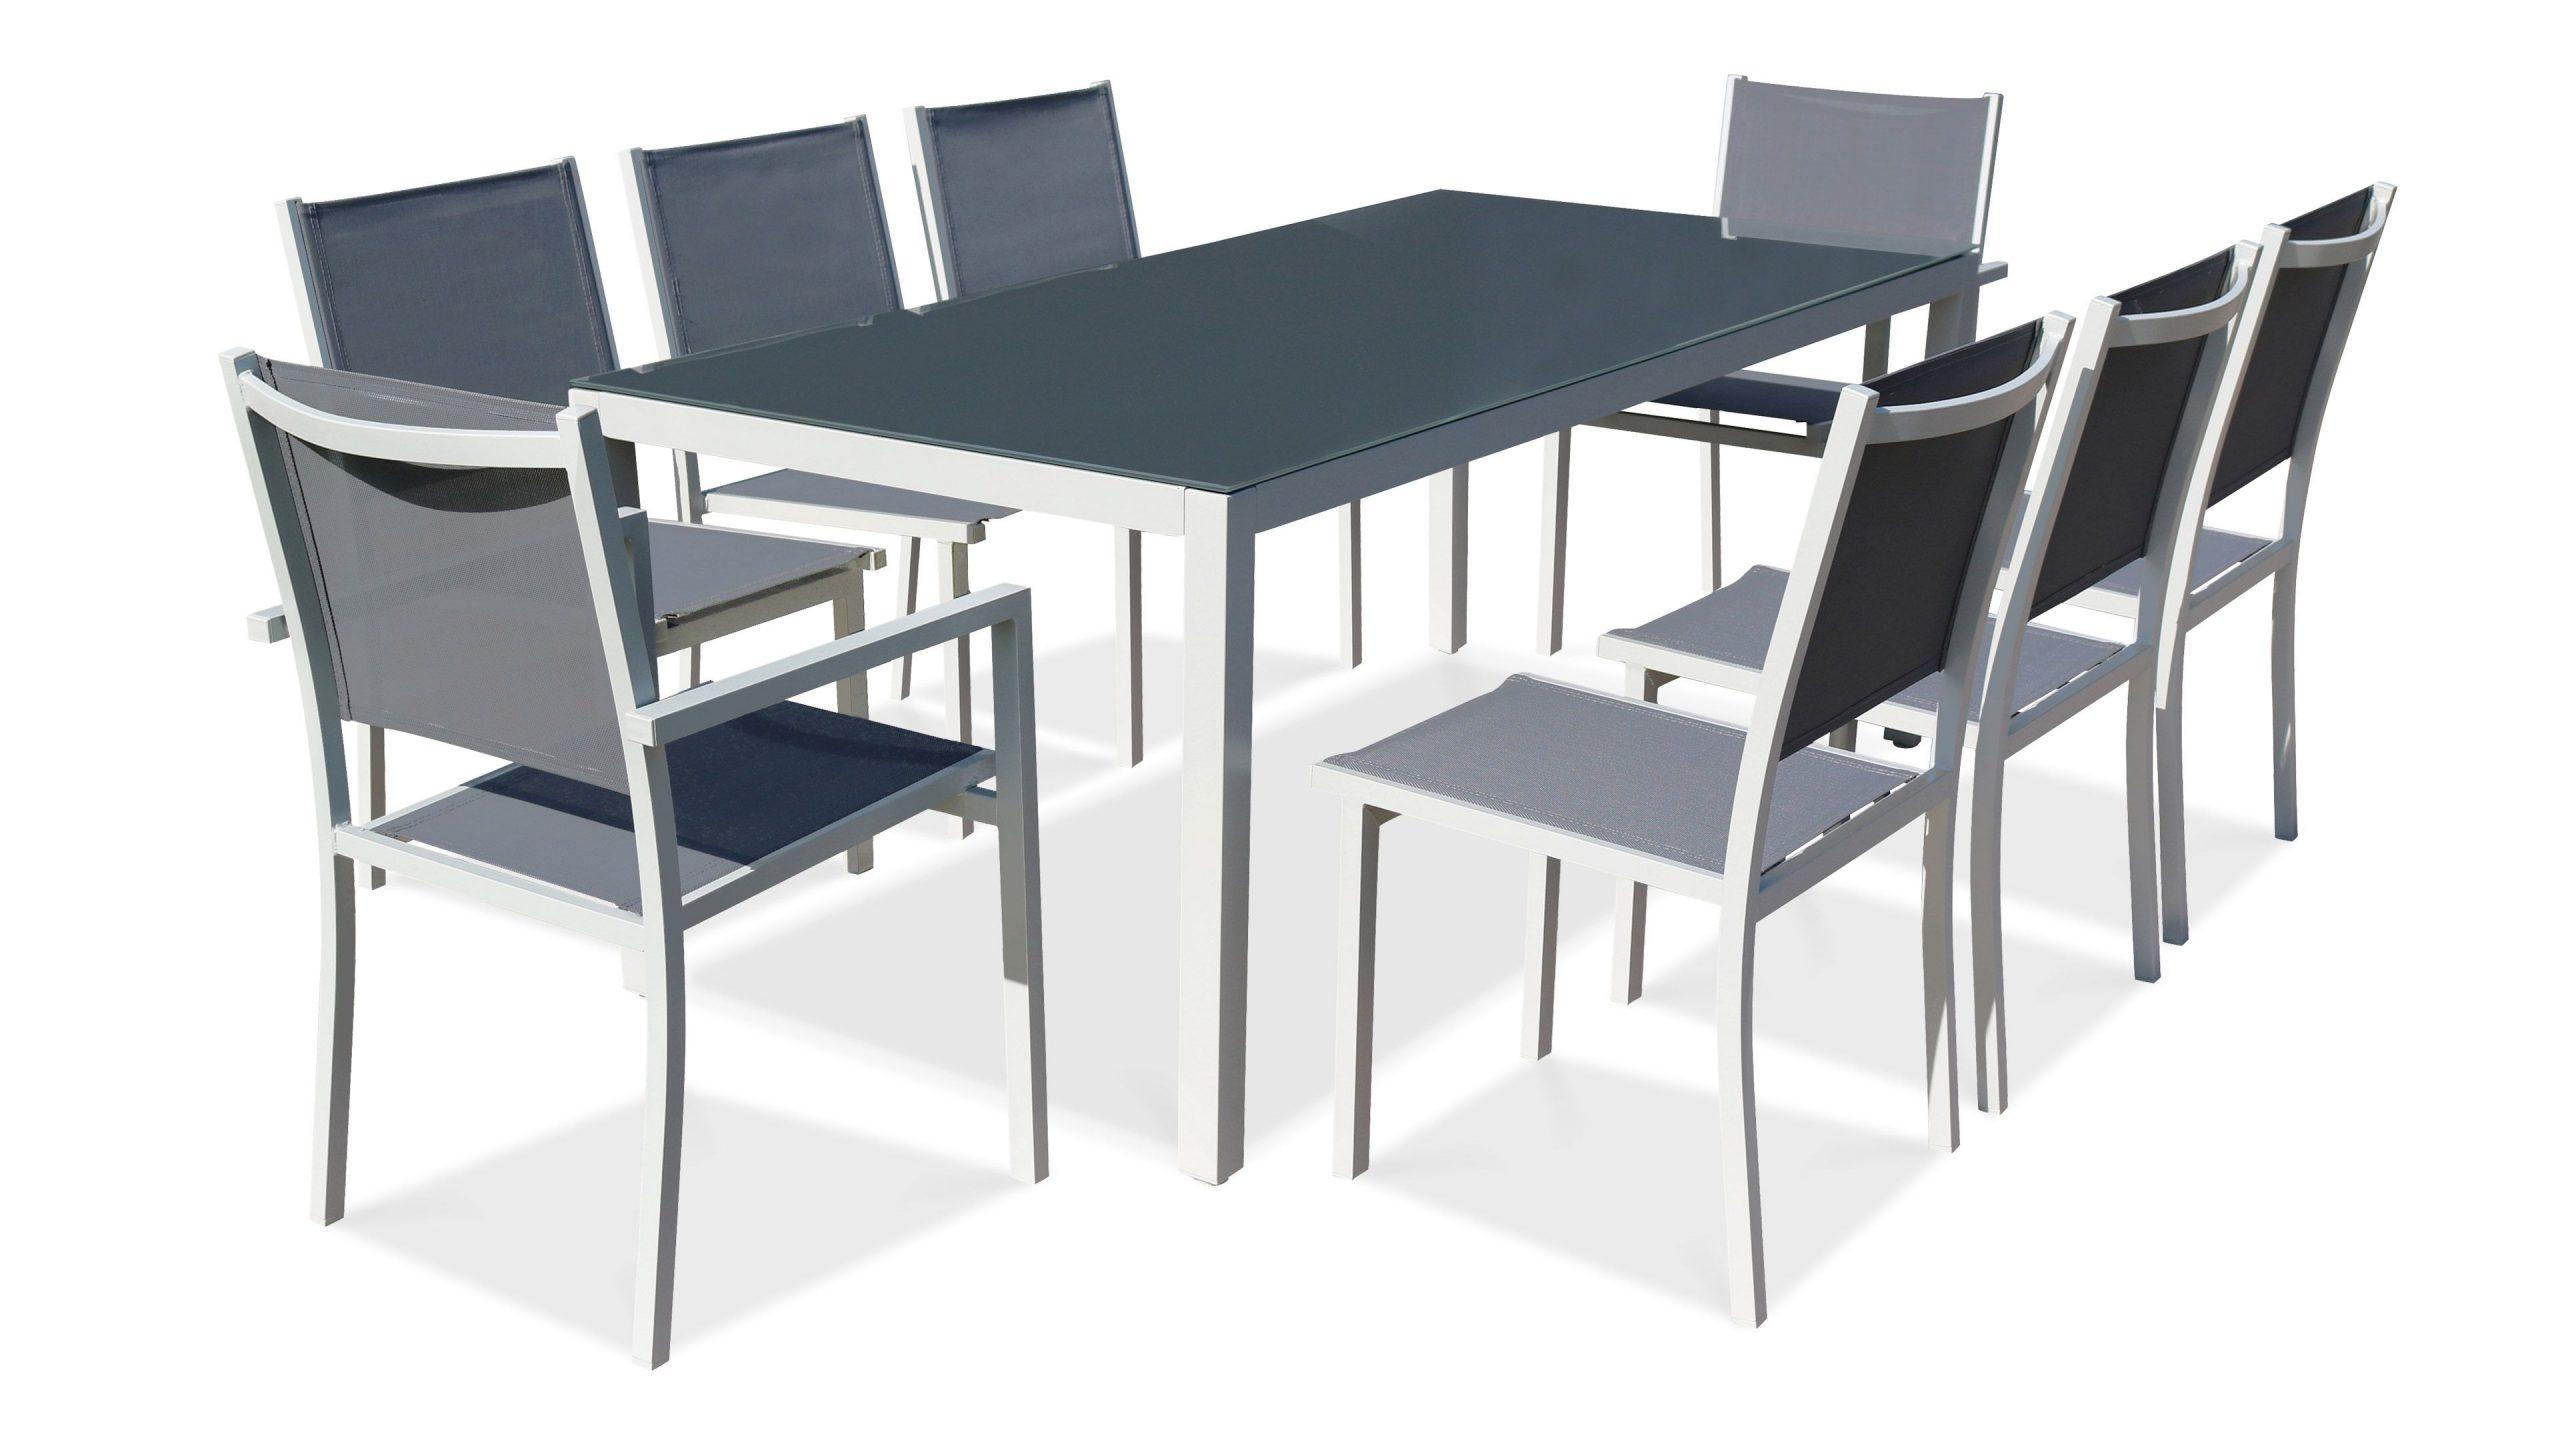 Salon De Jardin Aluminium Table De Jardin 8 Places tout Salon De Jardin Aluminium Et Verre